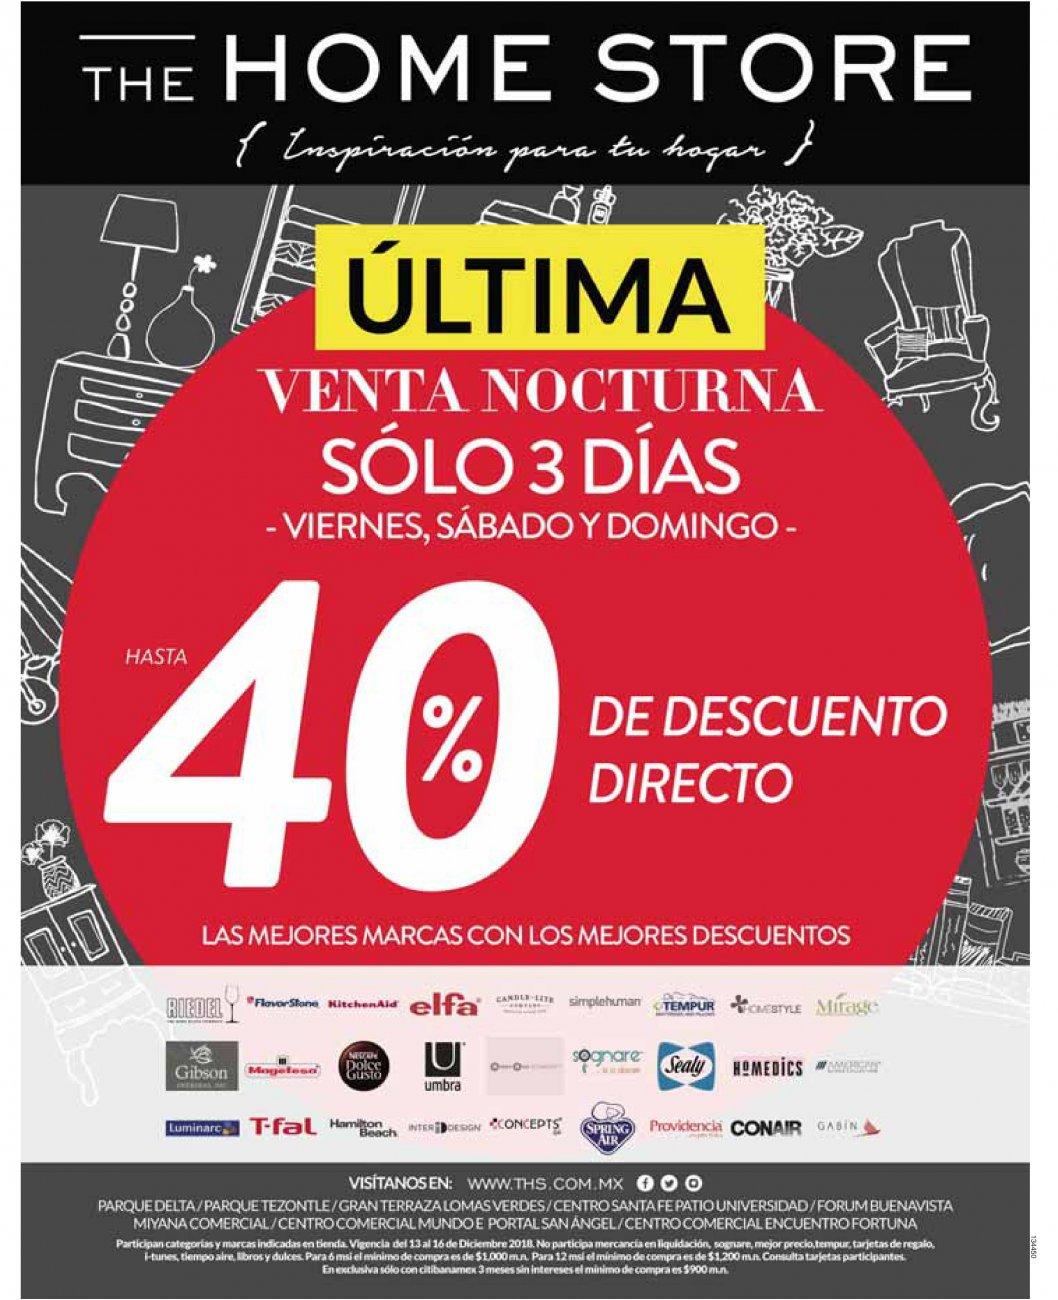 The Home Store: Última Venta Nocturna: Hasta 40% de descuento